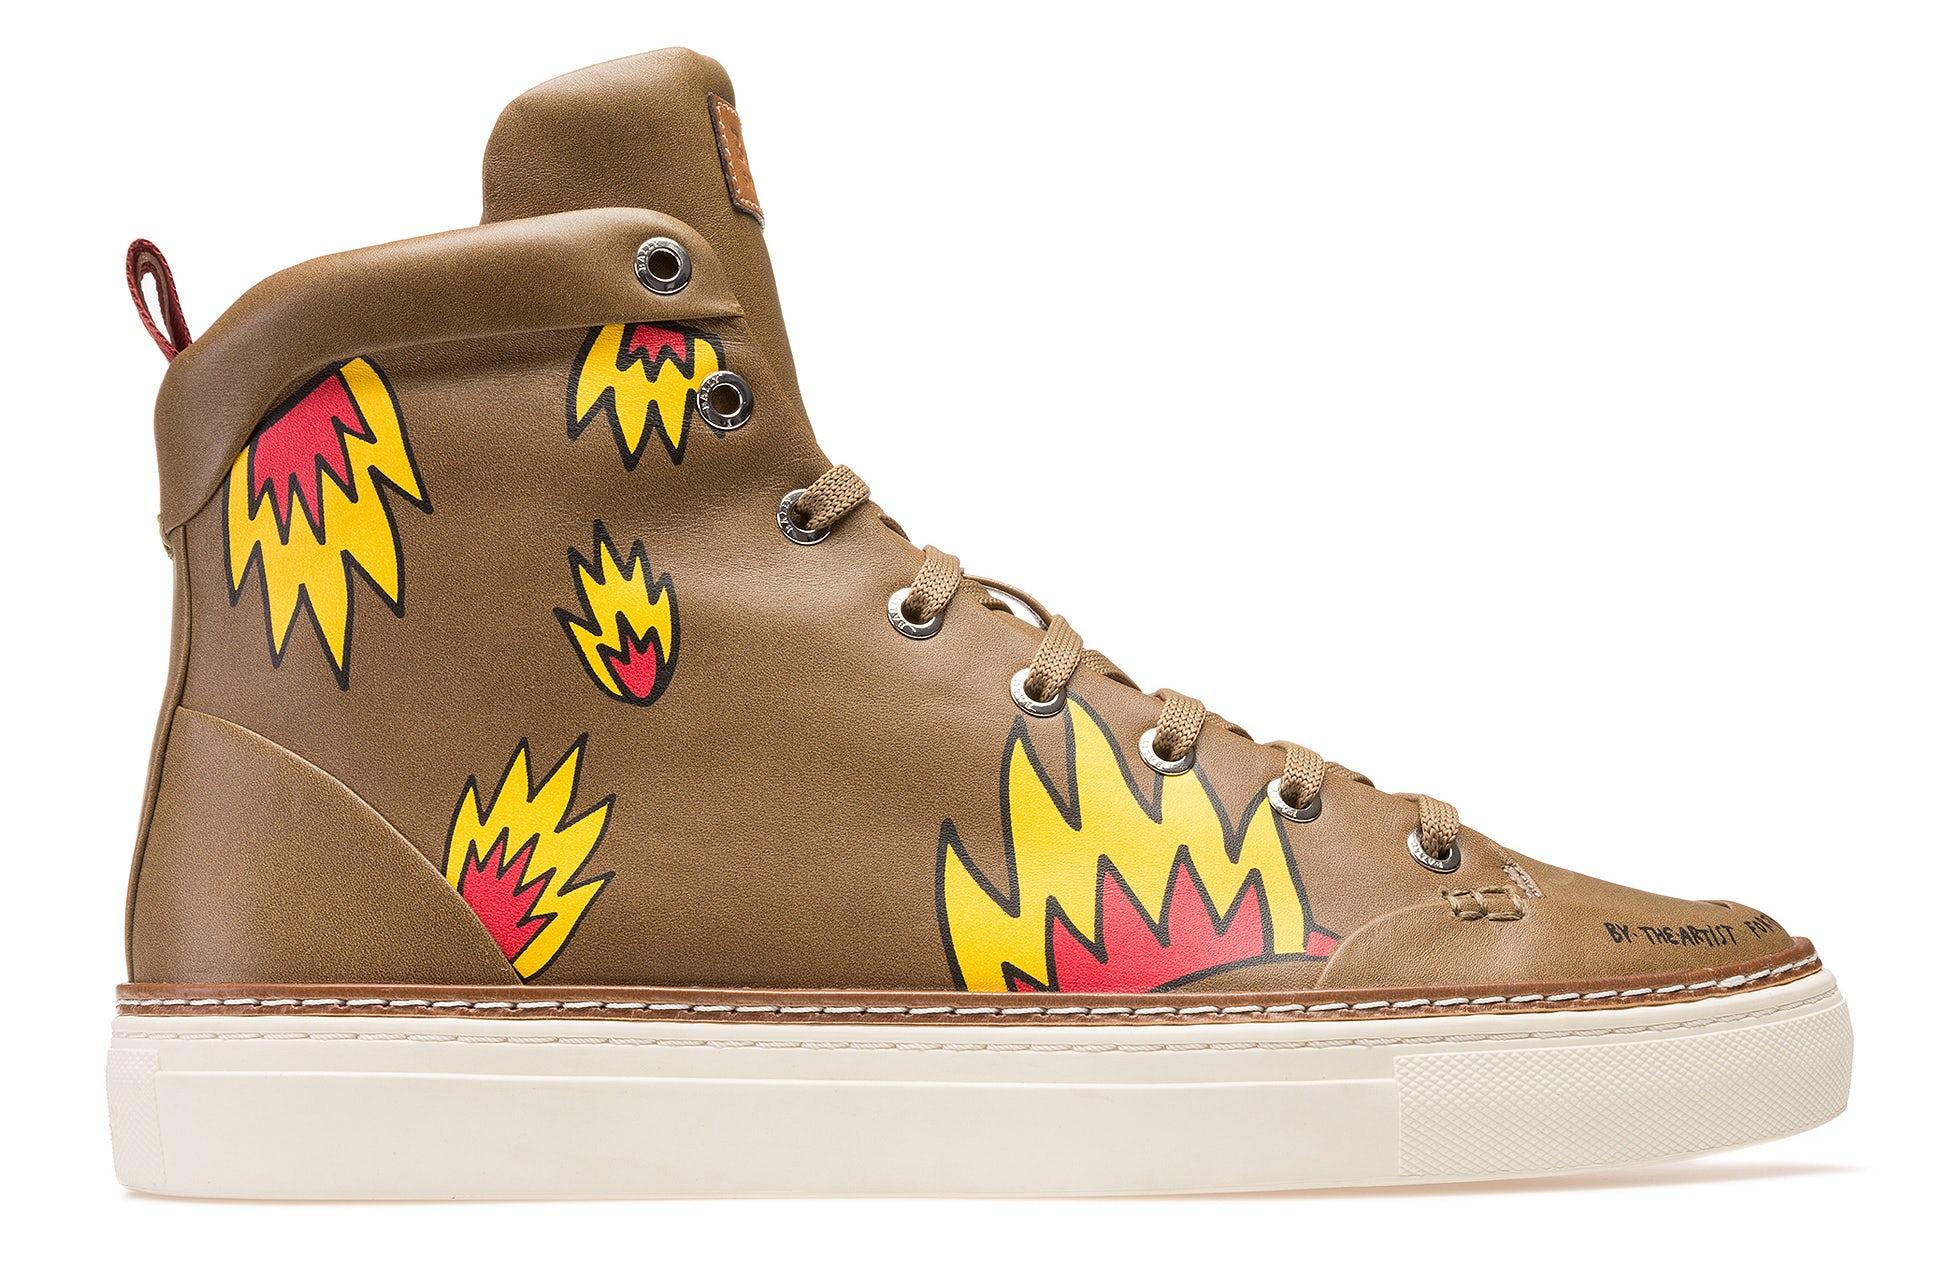 Bally x Swizz Beatz men's Hercules Shoe | Source: Courtesy